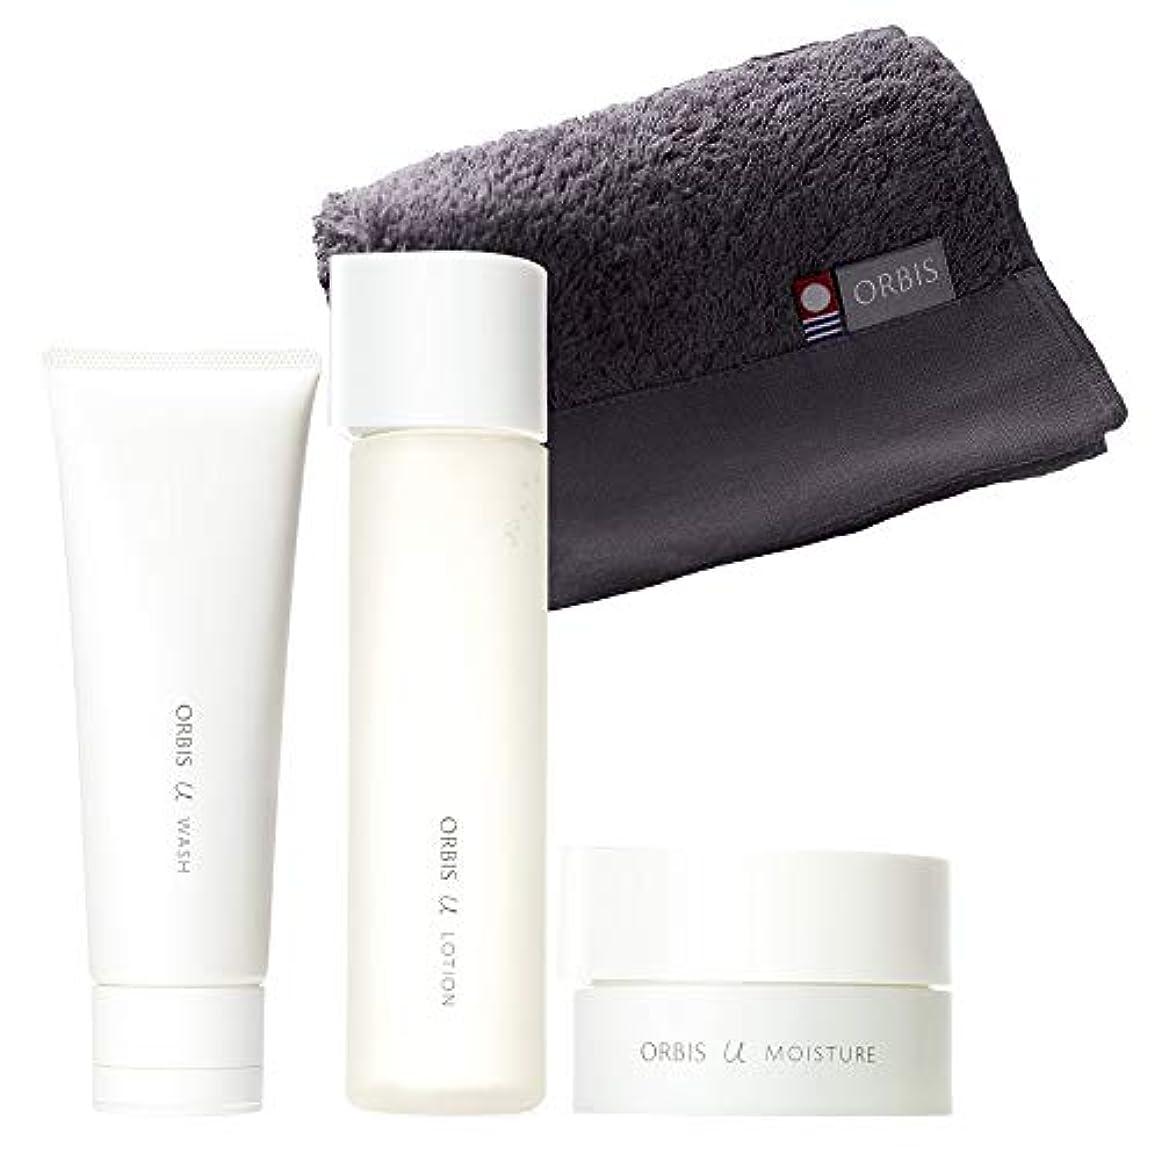 単位主観的計算オルビス(ORBIS) オルビスユー 3ステップセット タオル付(洗顔料+化粧水+保湿液)